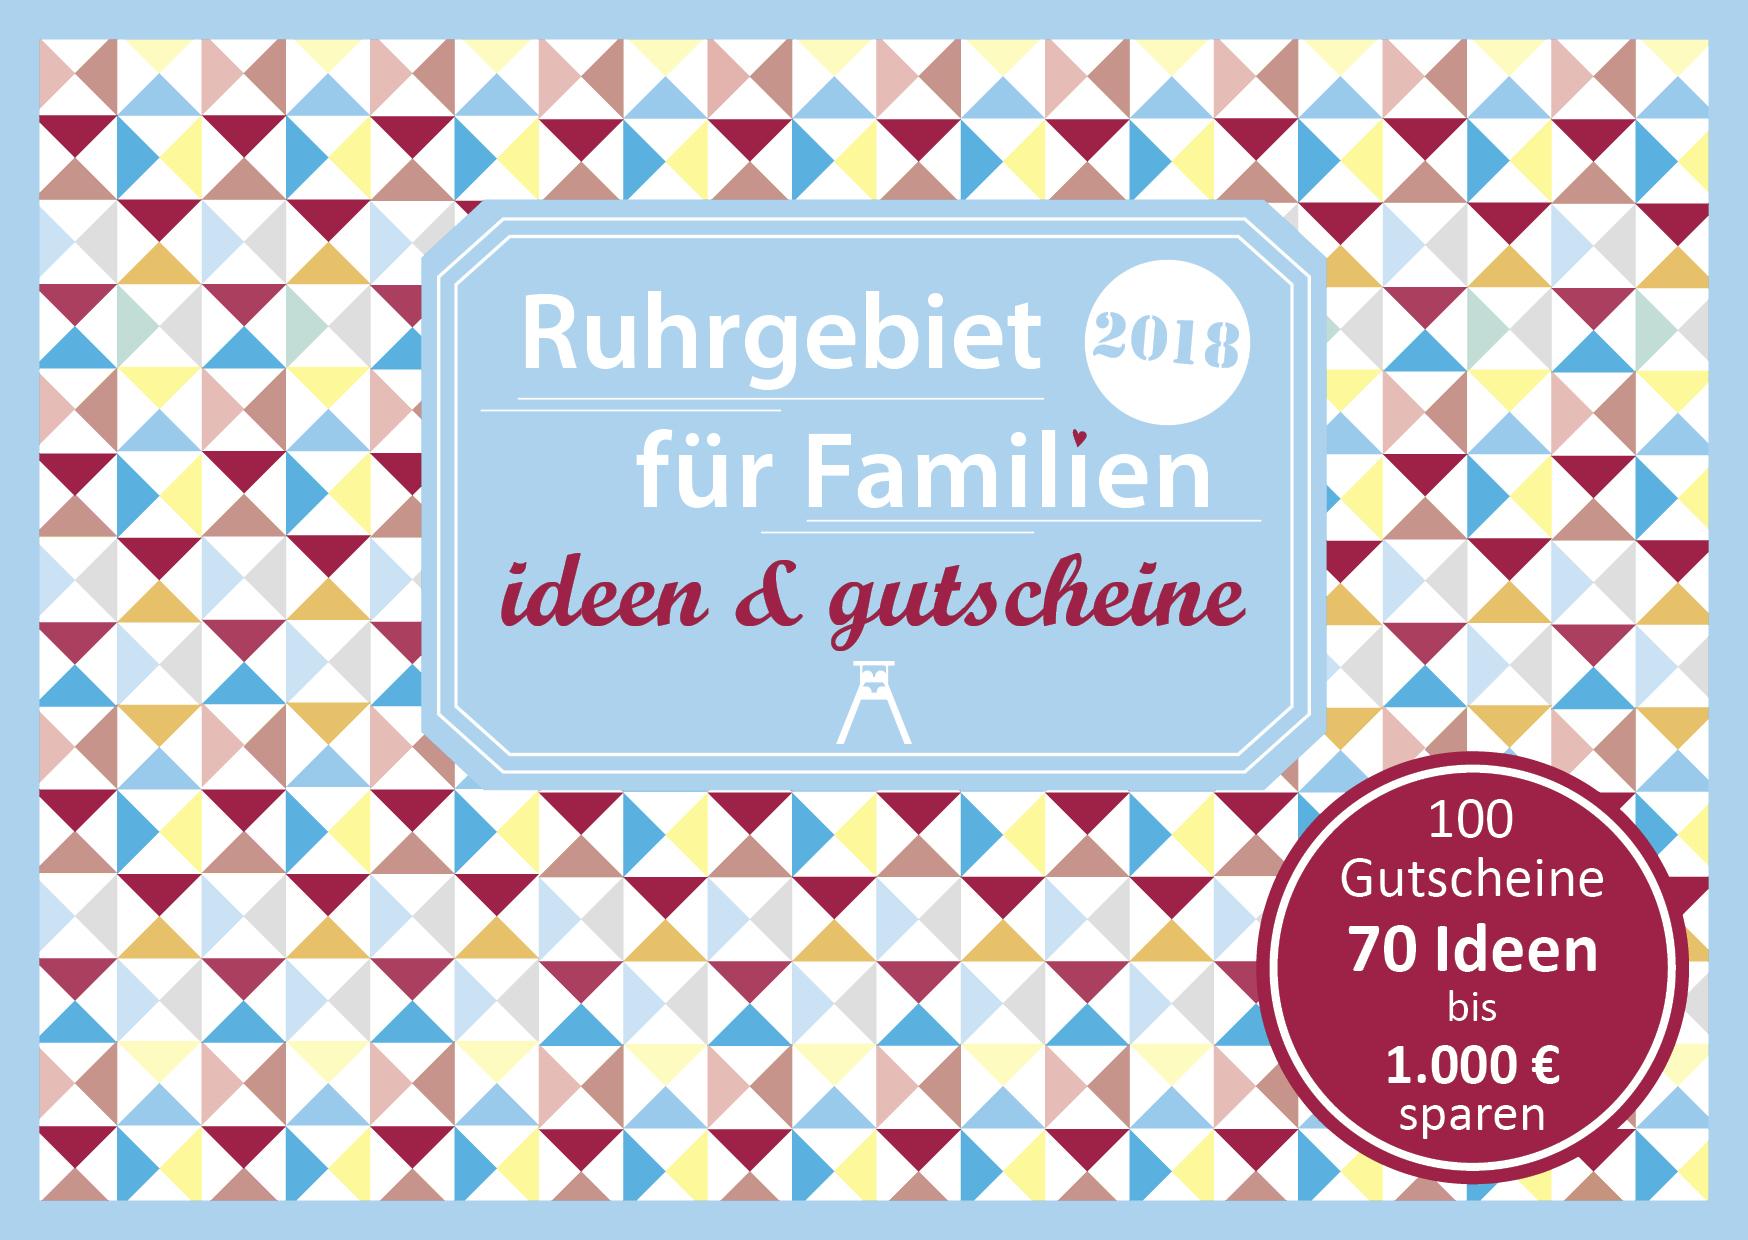 Familien Gutscheinbuch Ruhr Cover 2018 final - Gutscheinbuch Ruhrgebiet für Familien